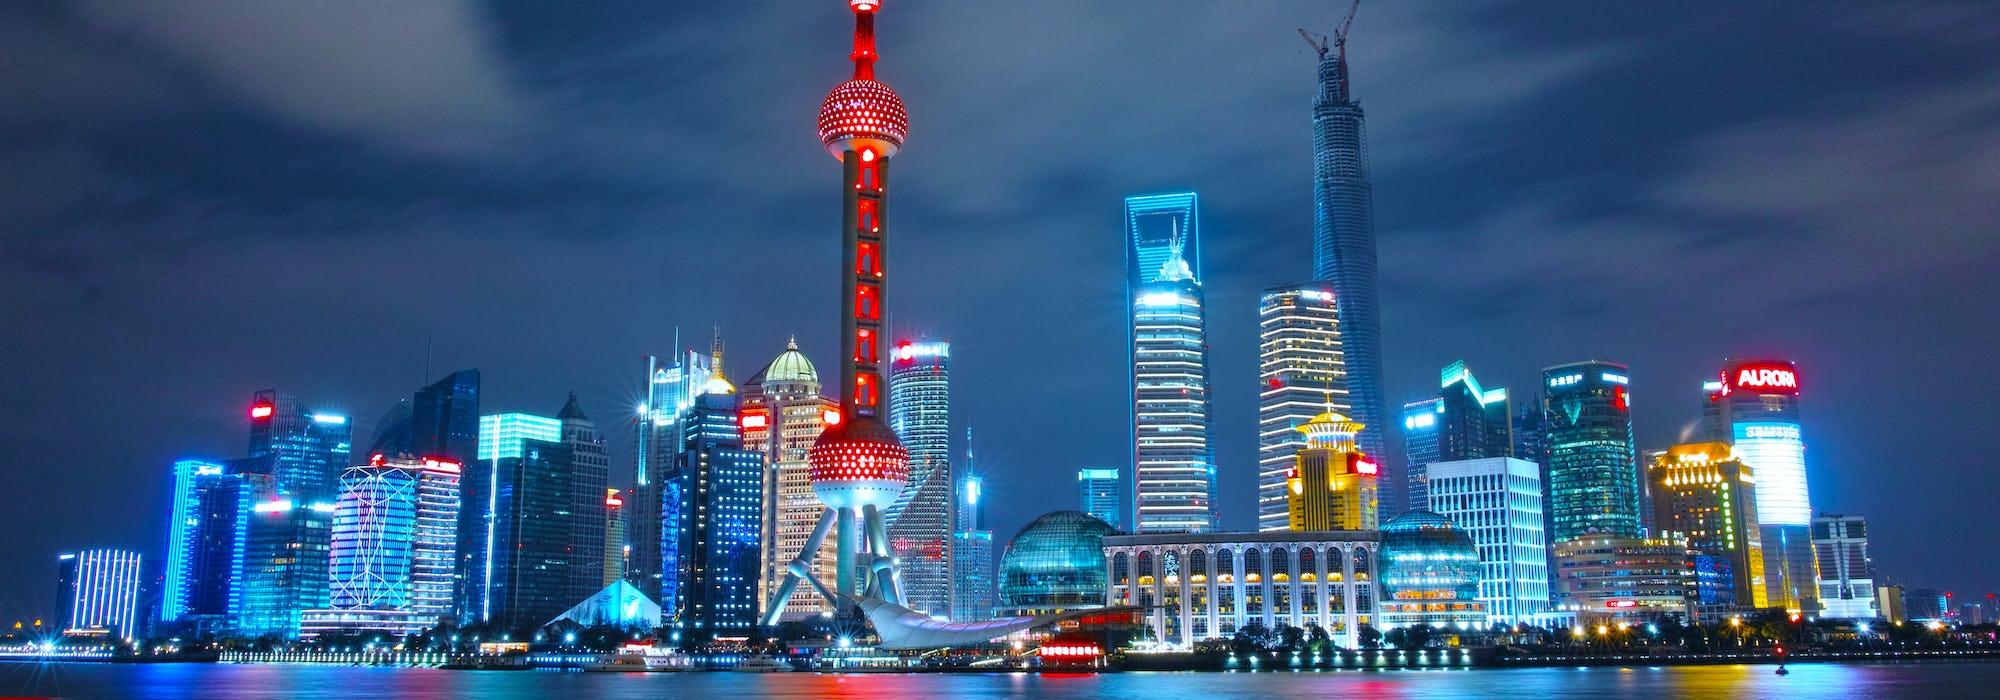 Bild tagen från vattnet på Shanghai's skyskrapor i kvällsljus. Byggnaderna lyser i olika färger.